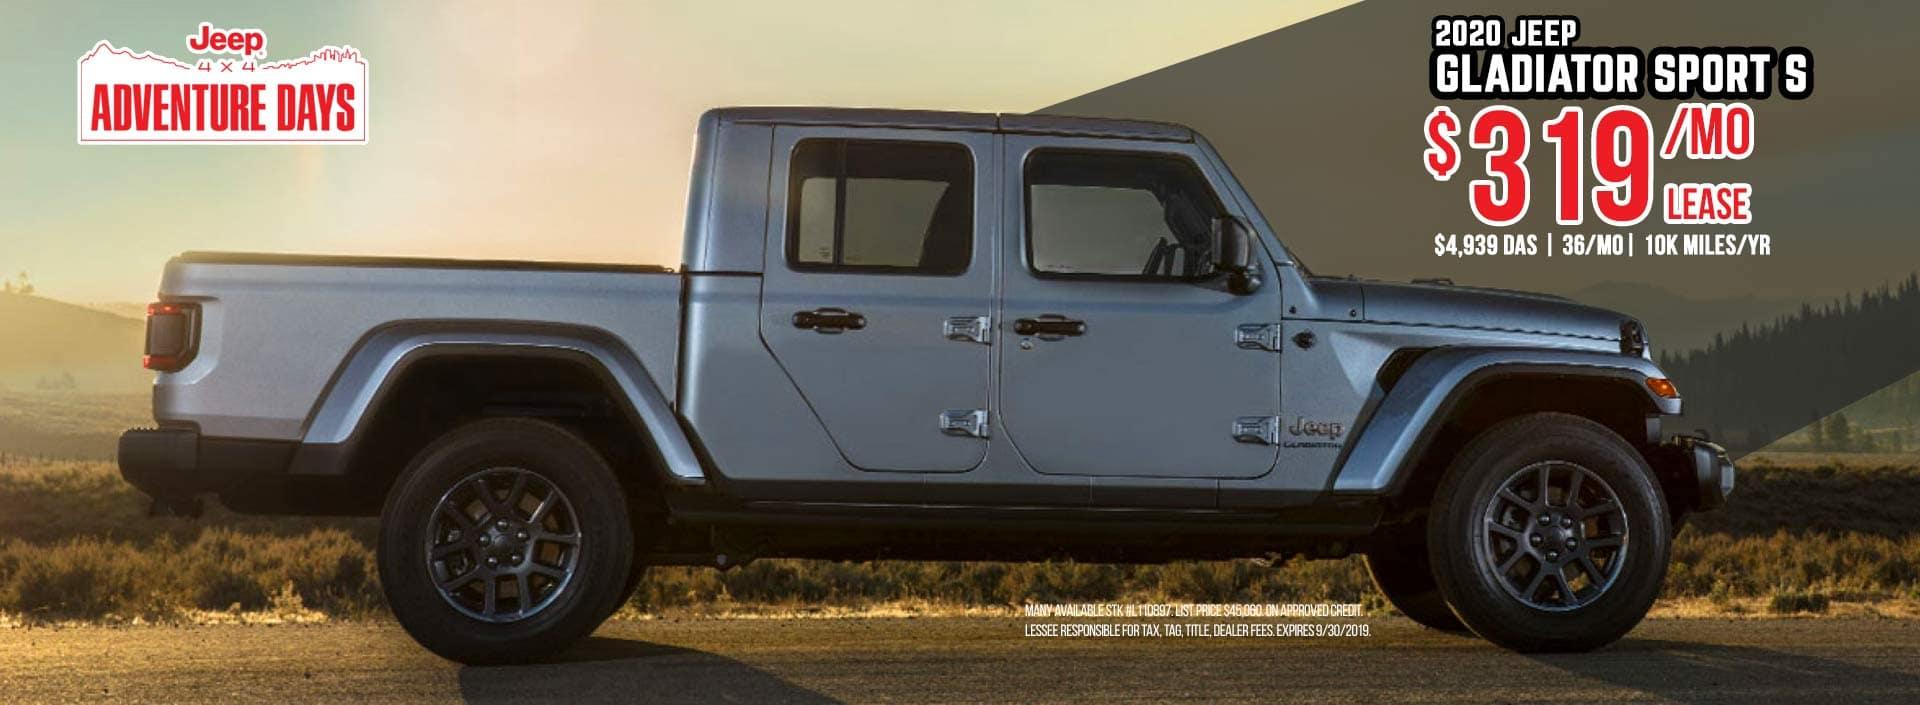 Jeep Gladiator Sale